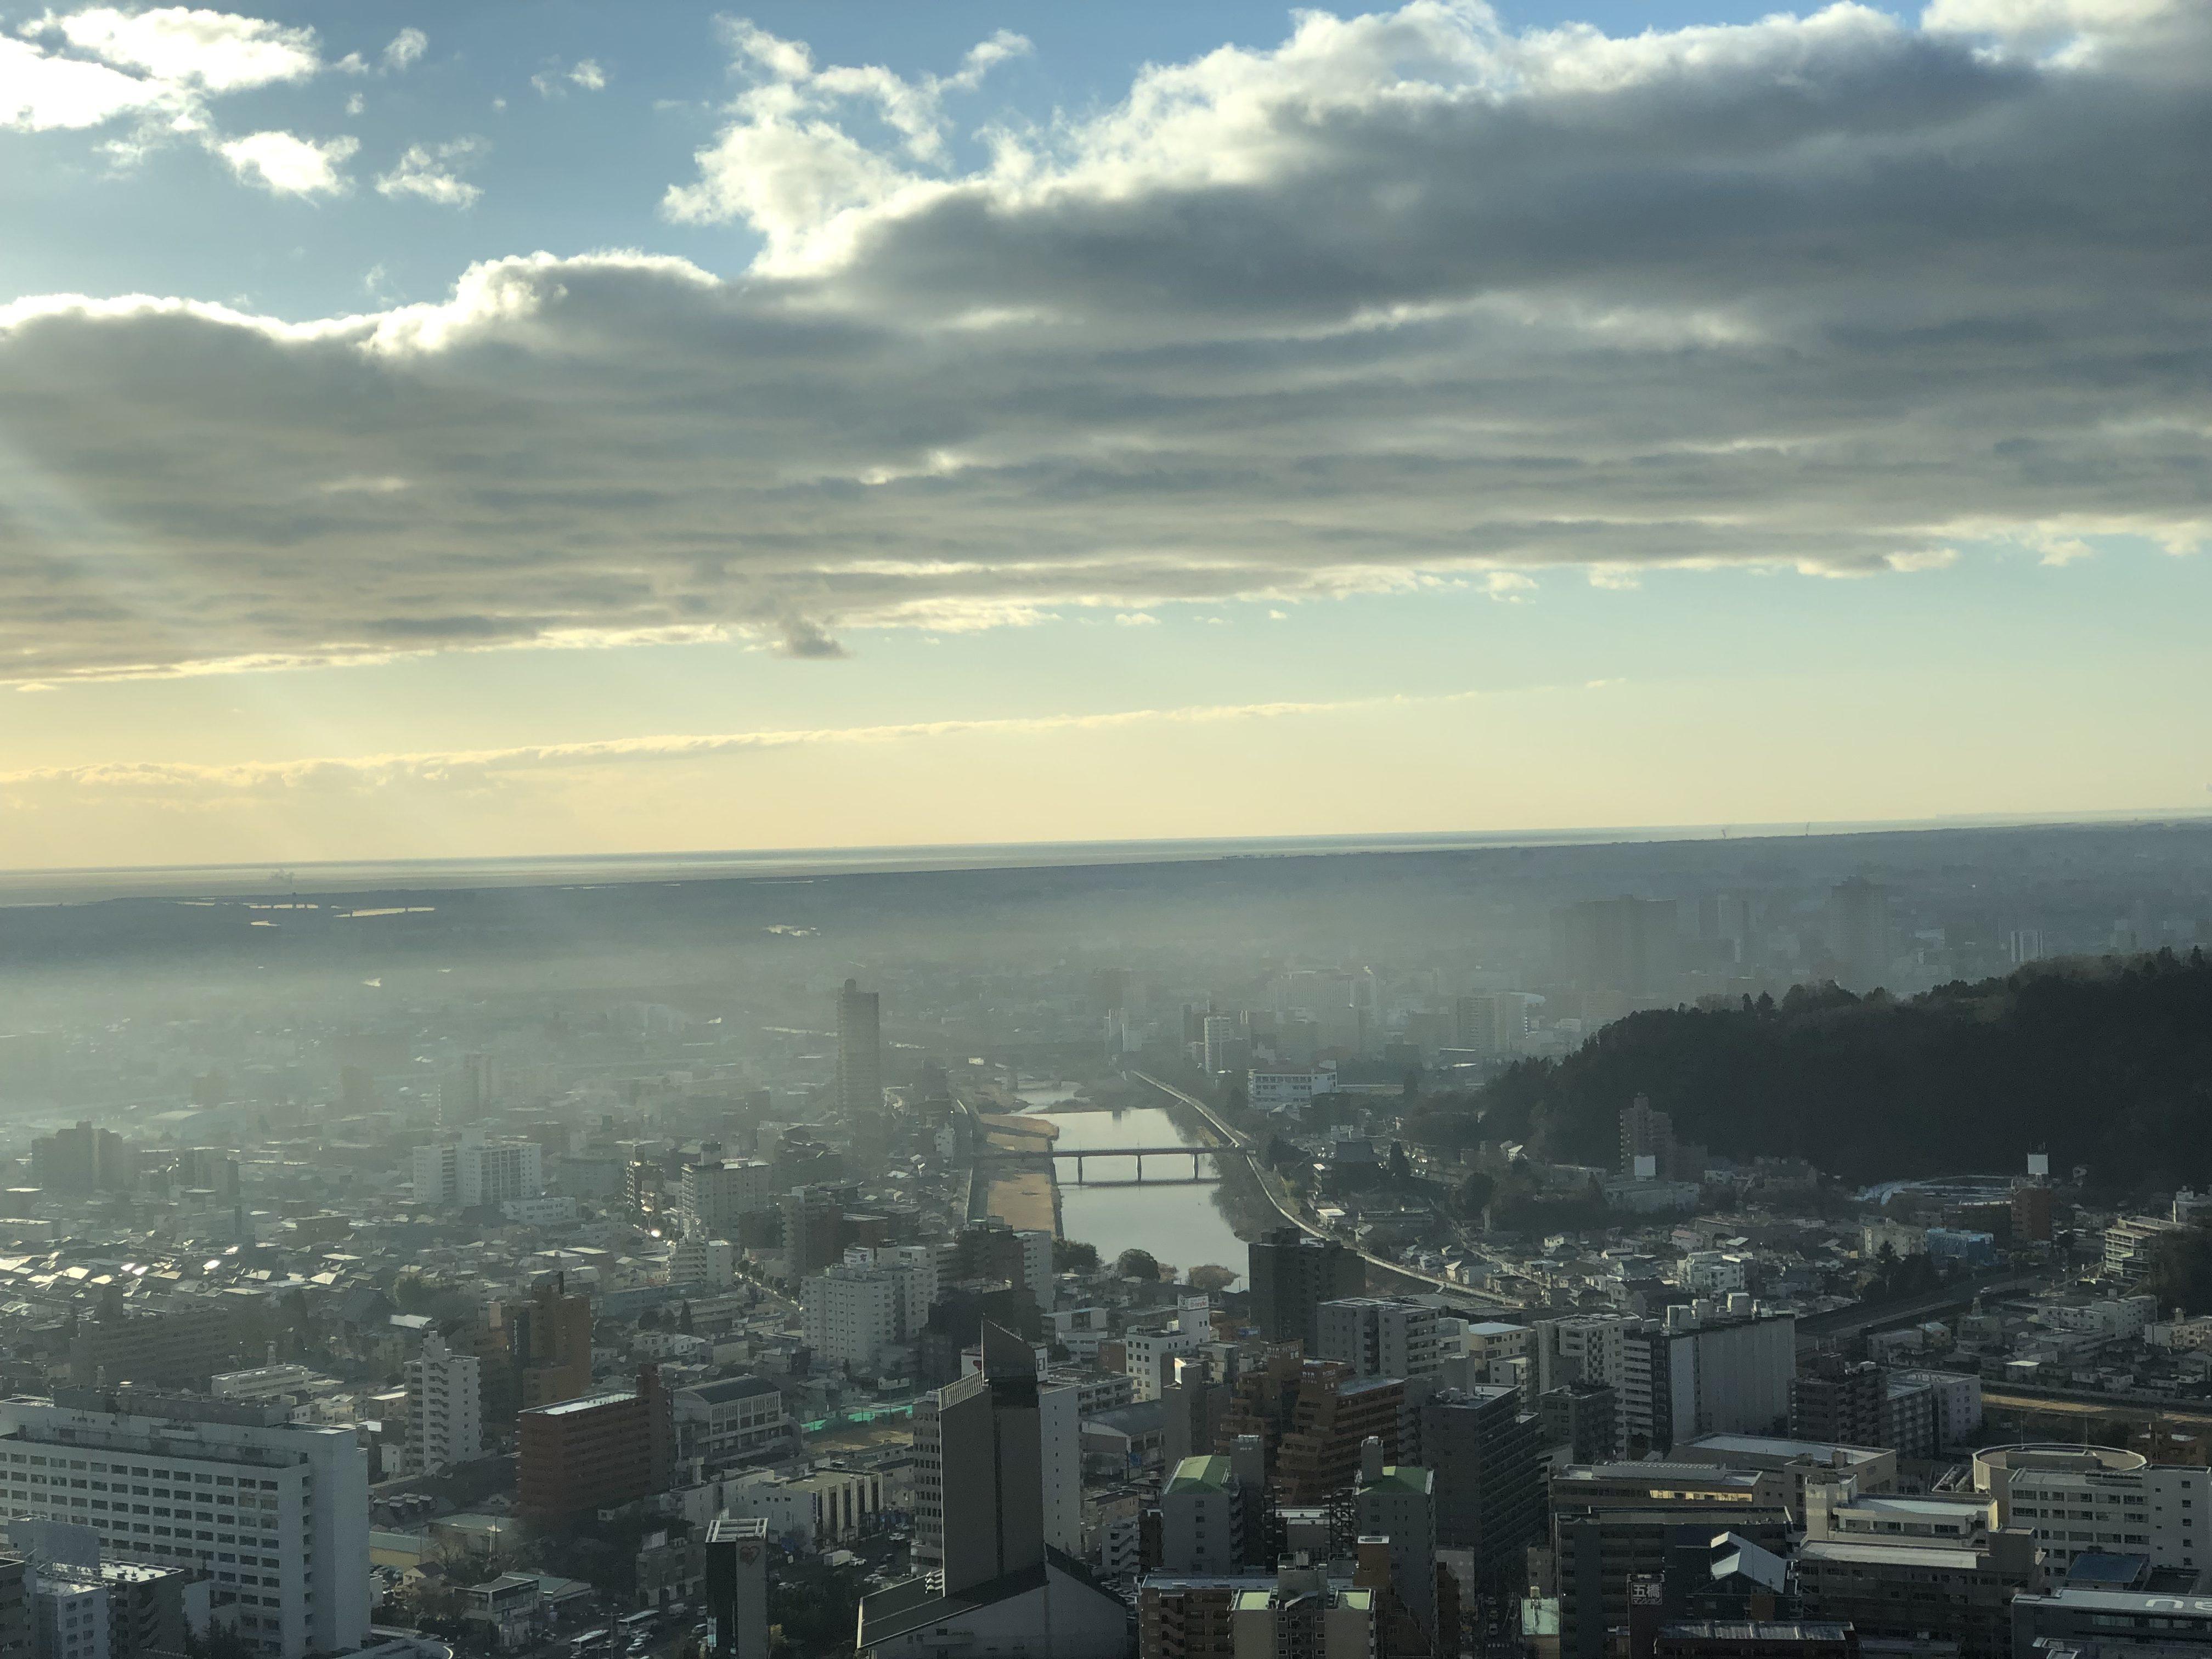 ウエスティンホテルから下界の朝靄